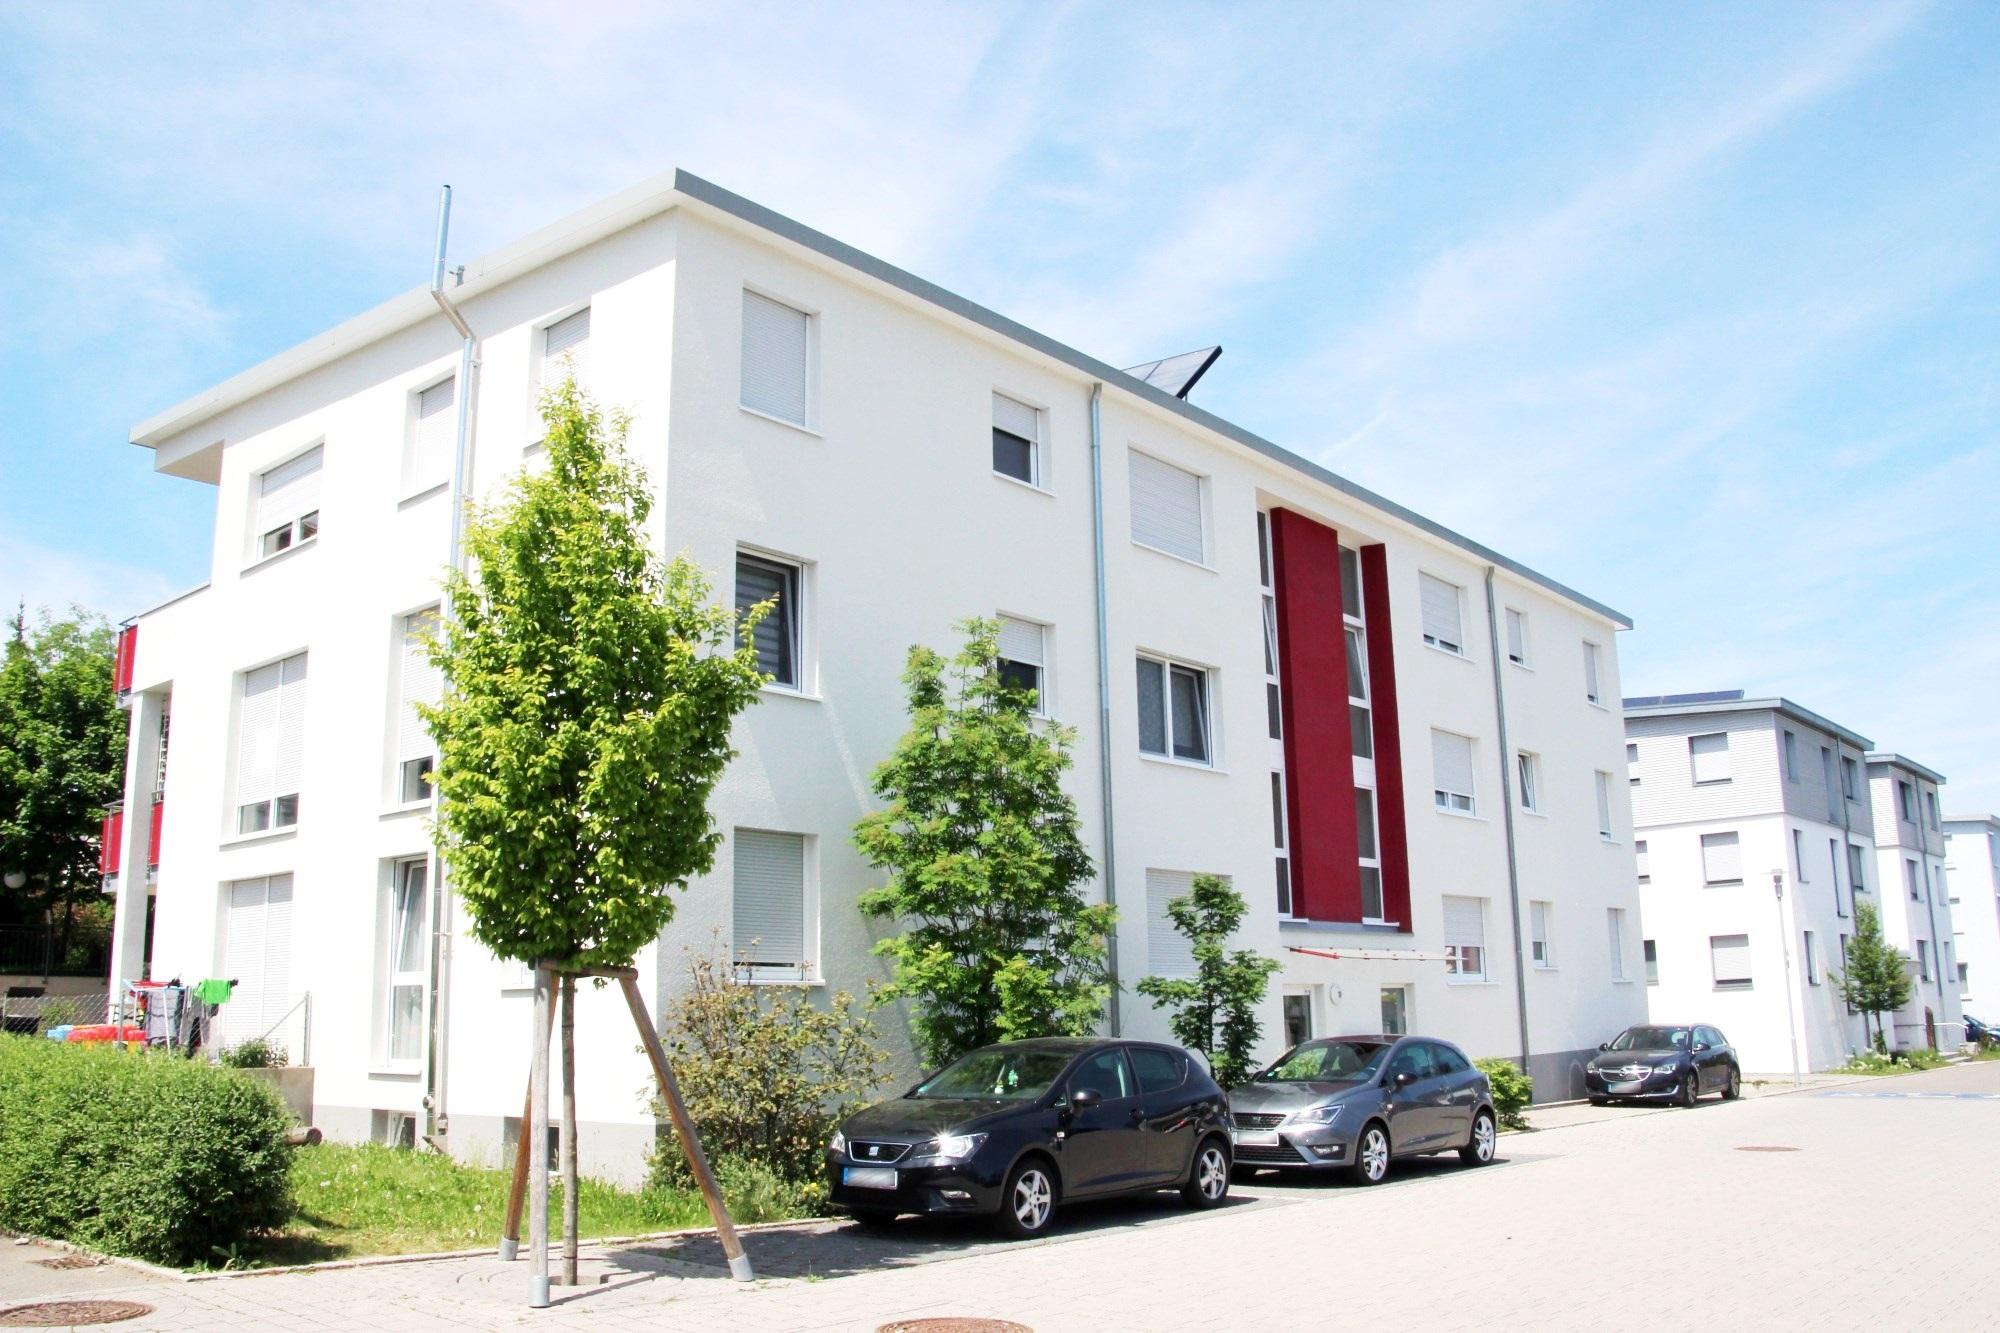 2010 | 9-Familienhaus Sofie-Scholl-Straße in Renningen, Architekt Dipl.Ing. U. Gehrer